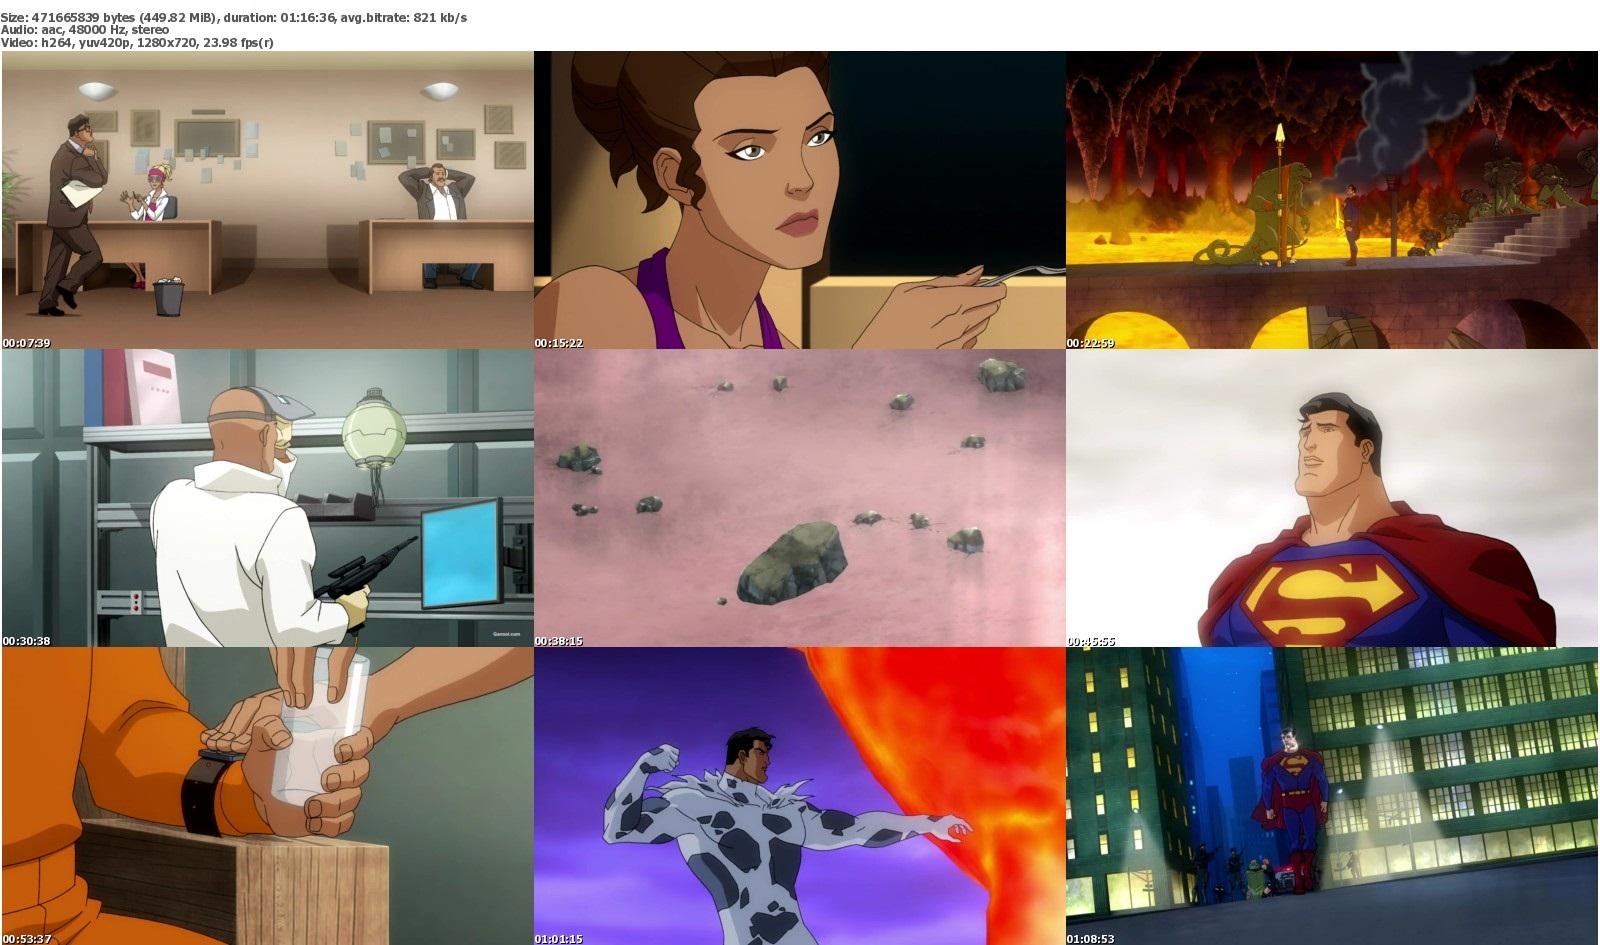 http://3.bp.blogspot.com/-zOh-7dZLYKI/TpKXv66fJZI/AAAAAAAAAyQ/UtX09-6f2ZU/s1600/All+Star+Superman+%25282011%2529.jpg2.jpg